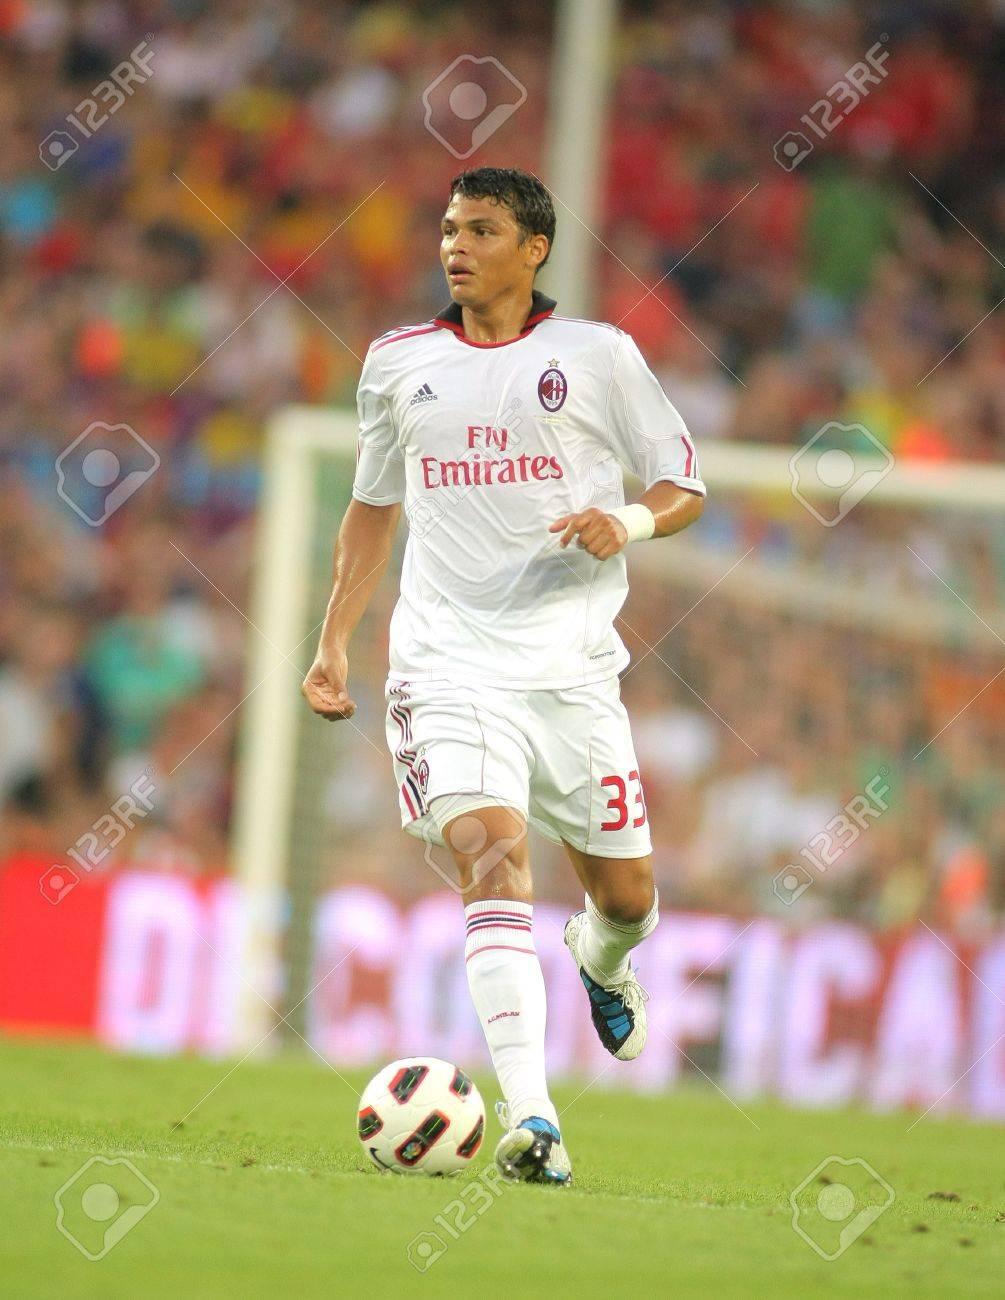 Thiago Silva Player AC Milan In Action During Trophy Joan